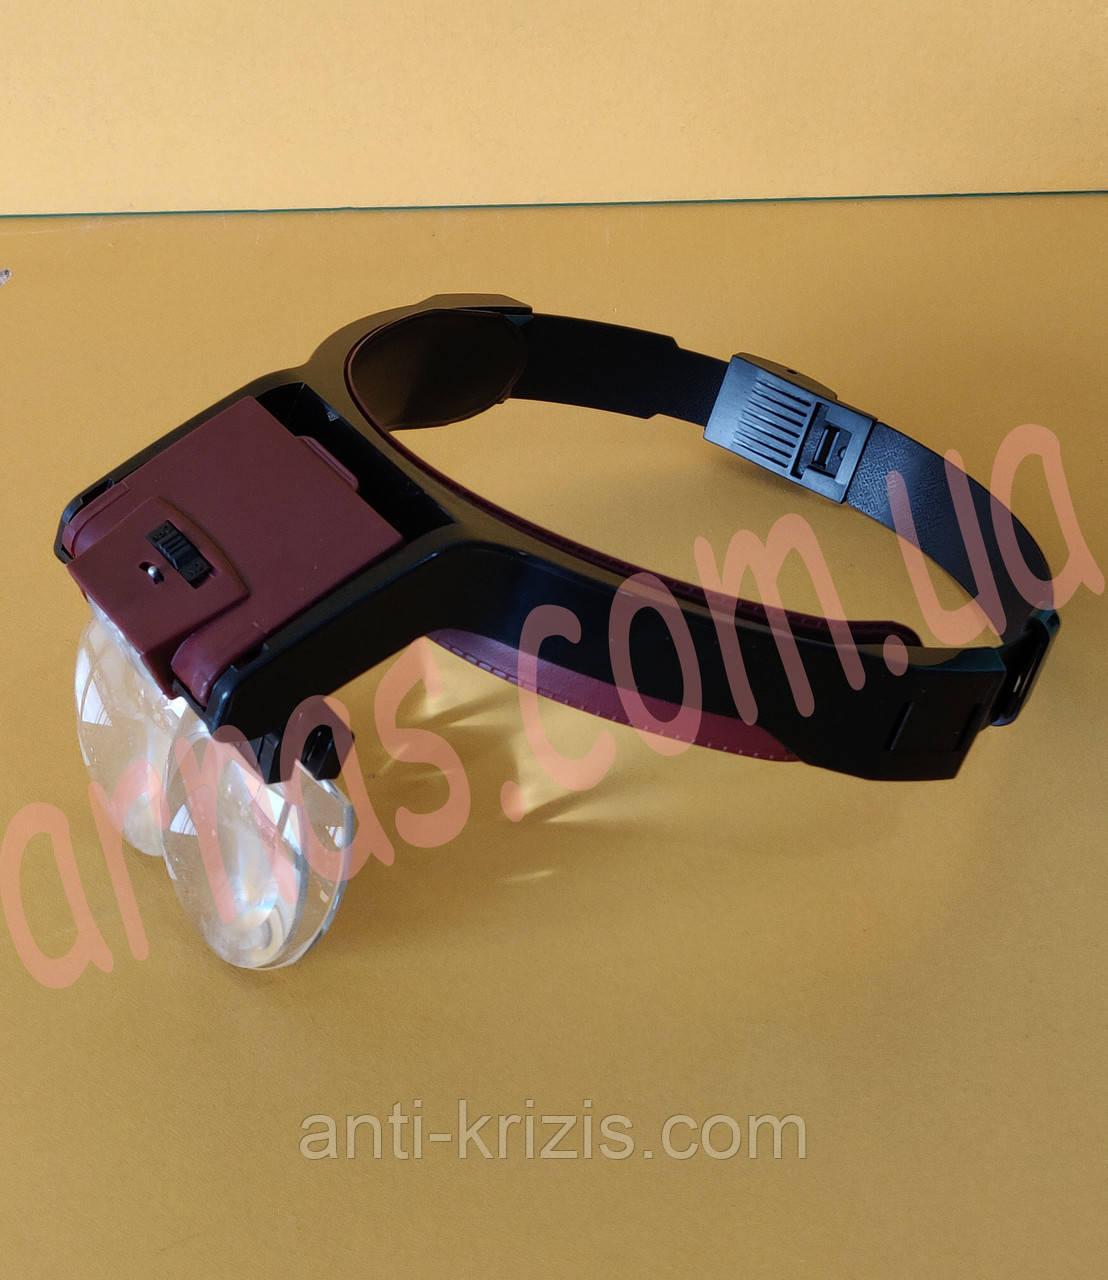 Бинокуляр окуляри бінокулярні зі світлодіодним підсвічуванням MG81001-B